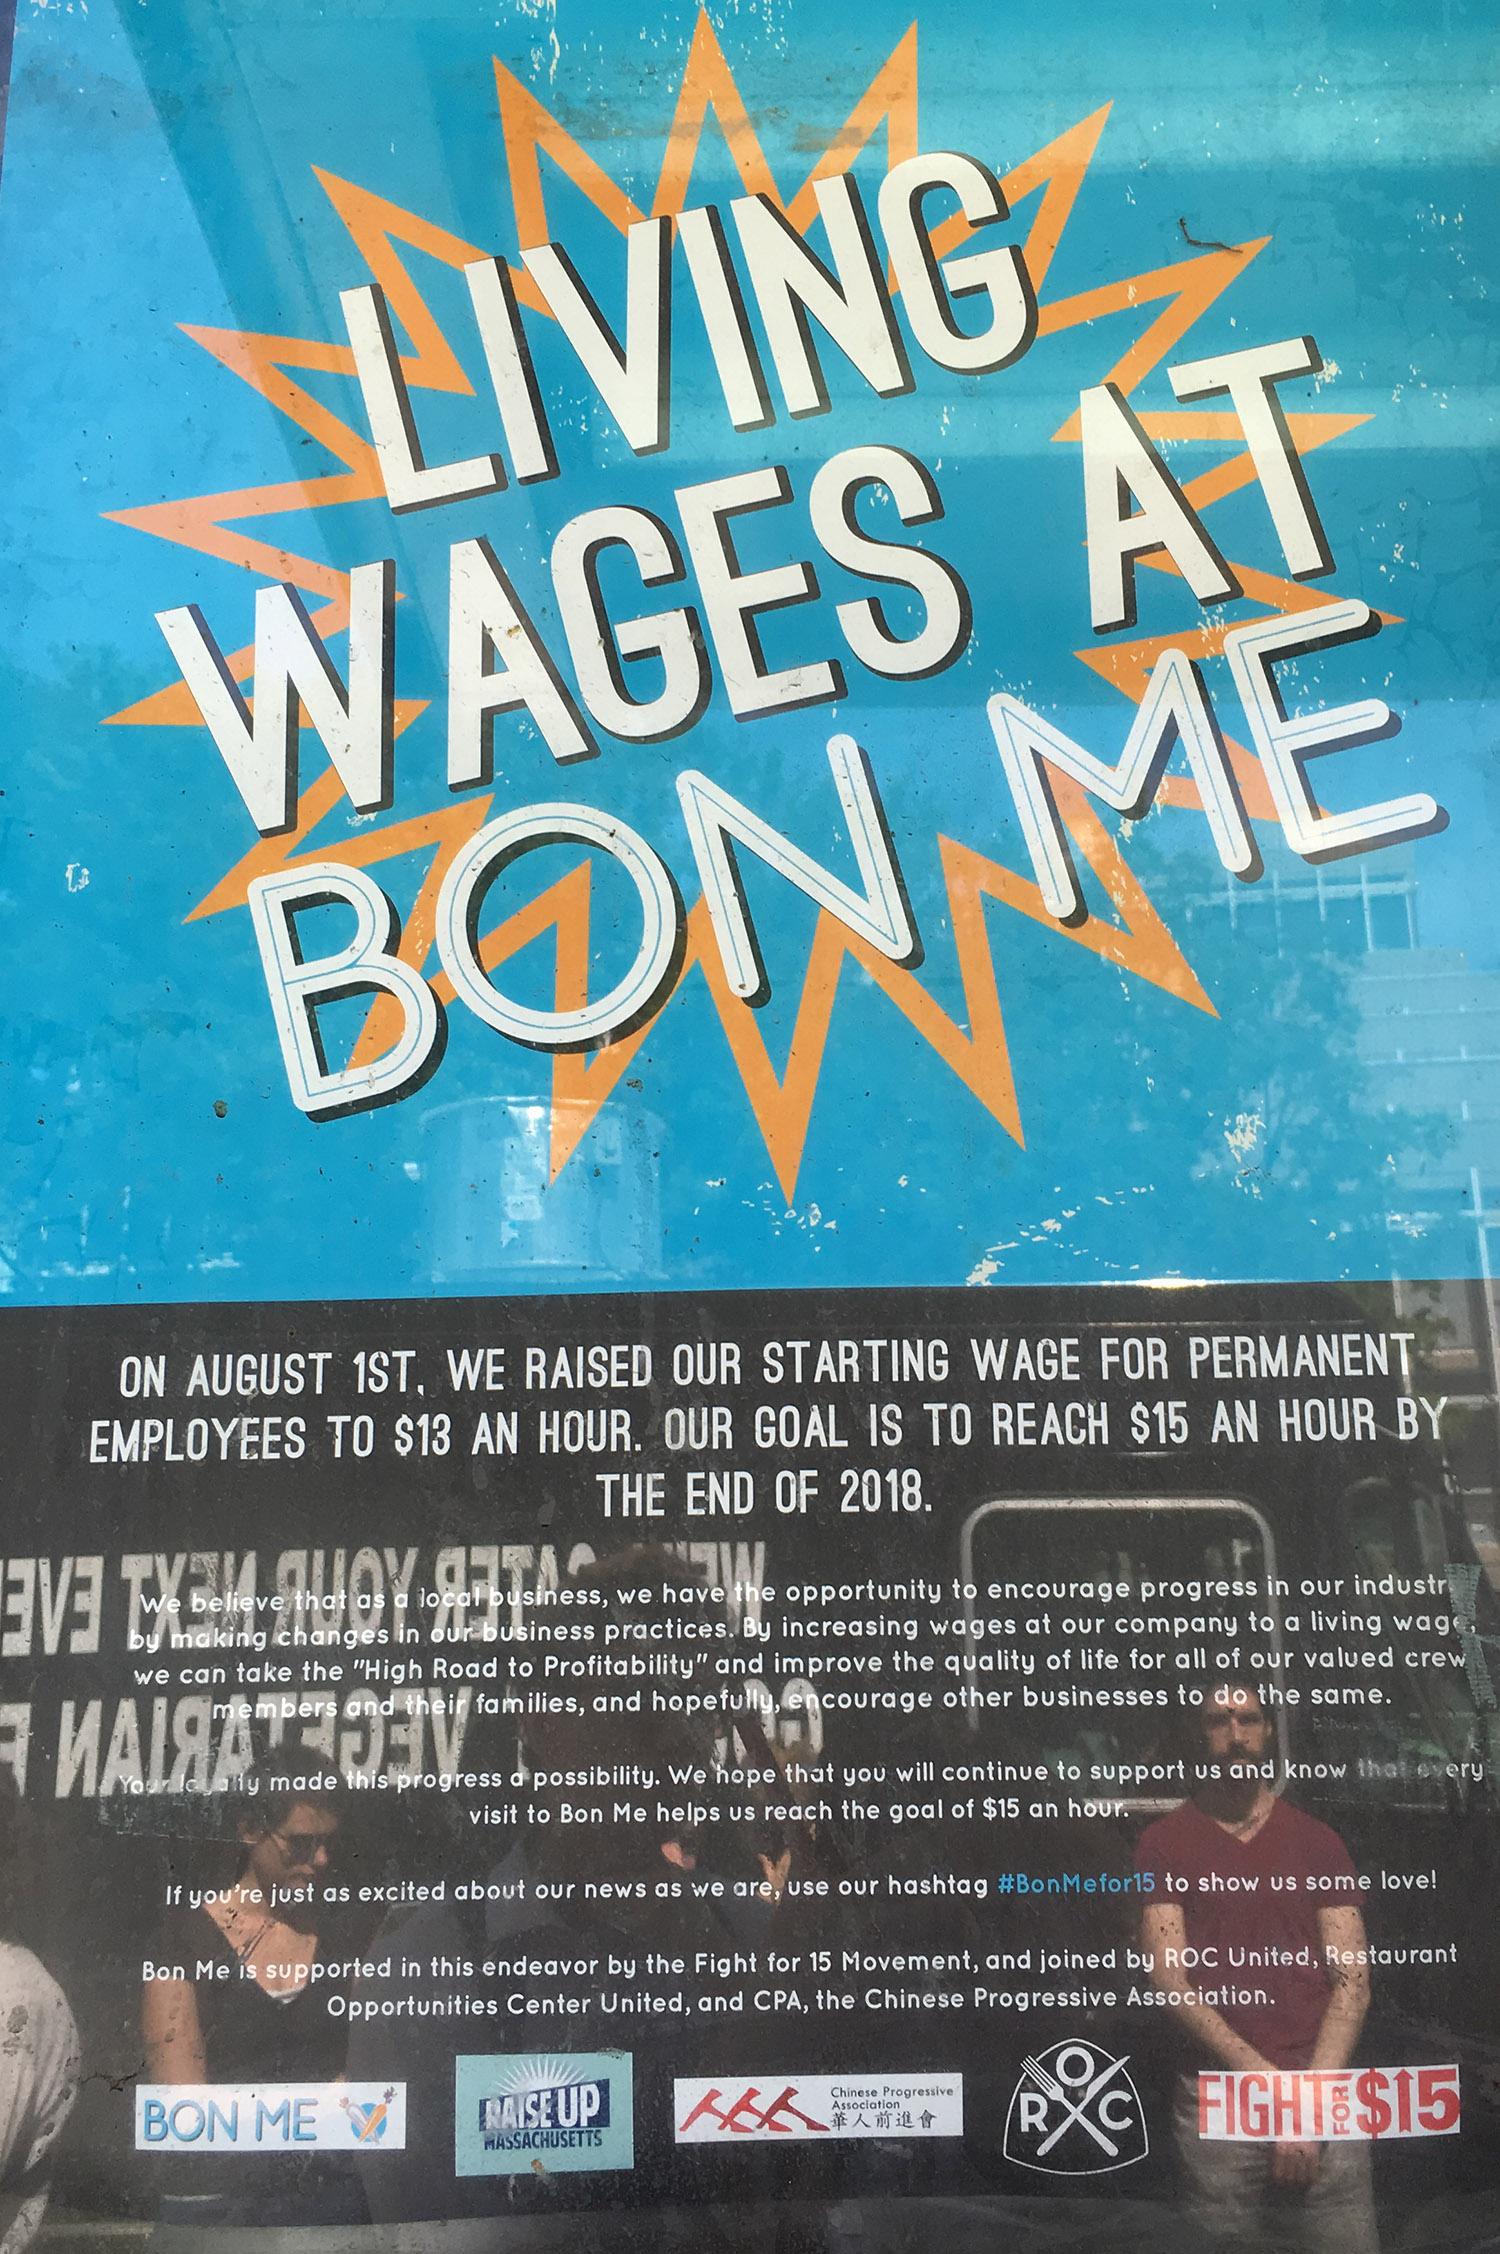 Texten under bilden lyder: Den 1 augusti höjde vi ingångslönen för fast anställda till 13 dollar i timmen. Vårt mål är att nå 15 dollar i timmen mot slutet av 2018.